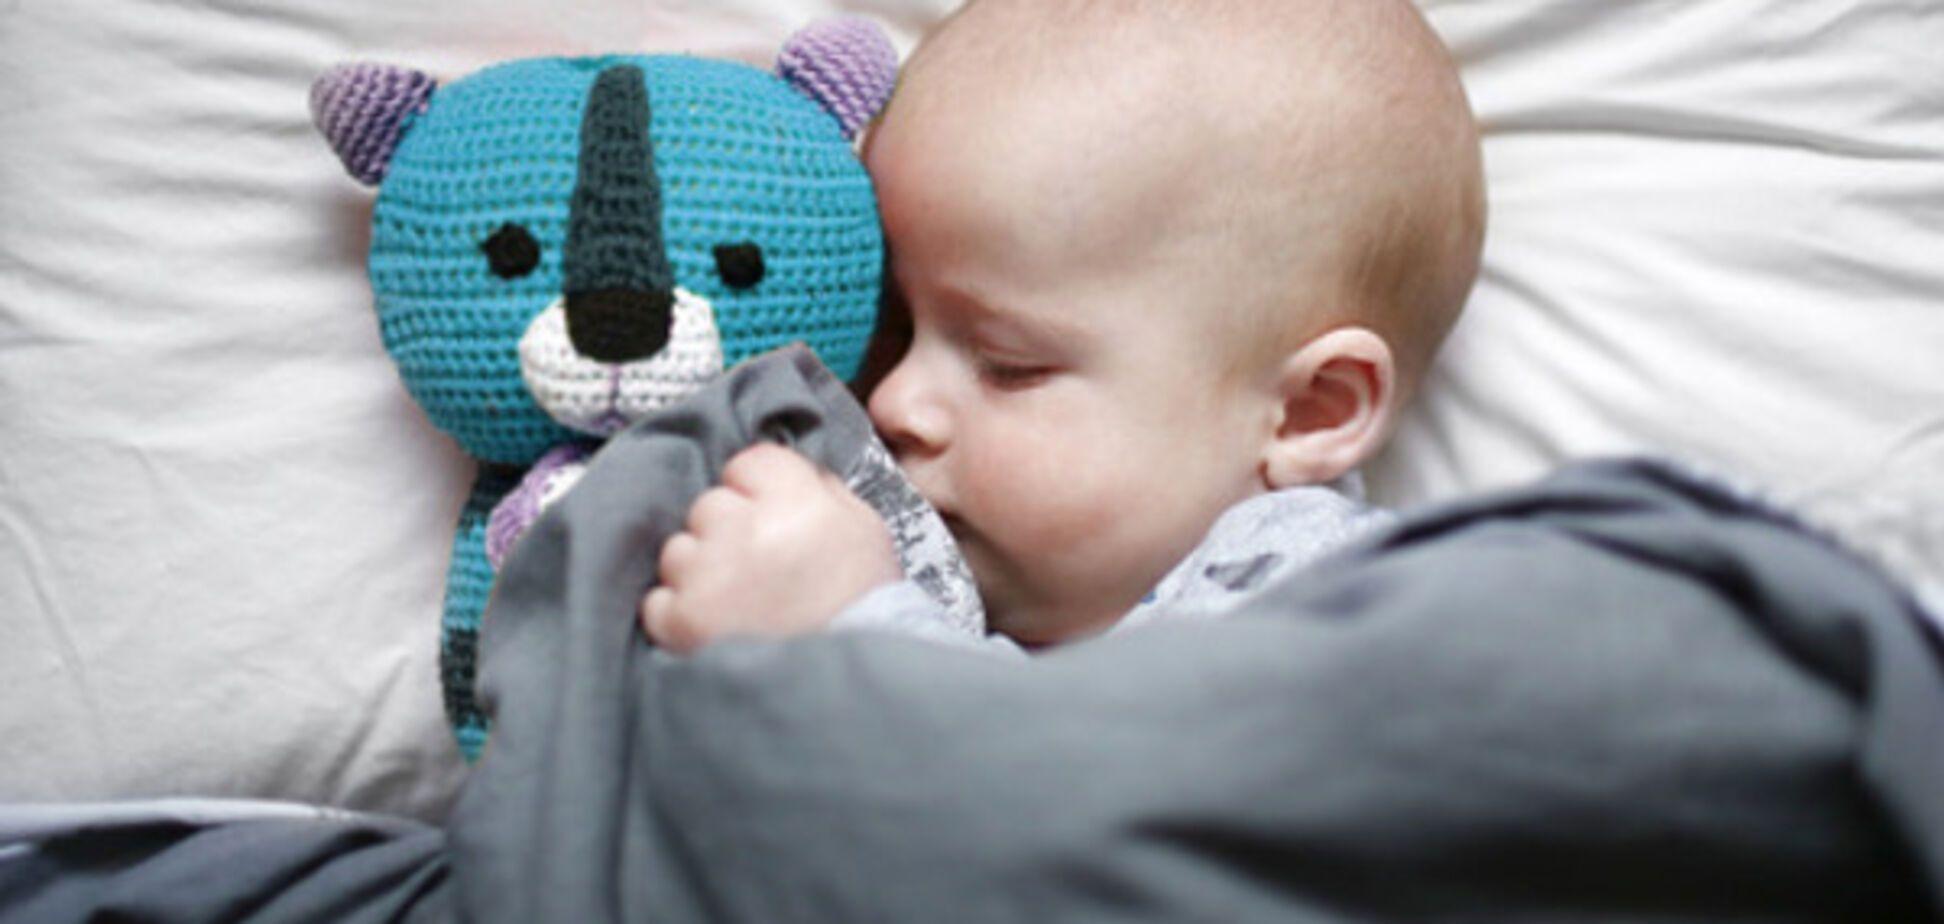 Один случай на каждые 8 минут: ученые рассказали об опасности детских изделий